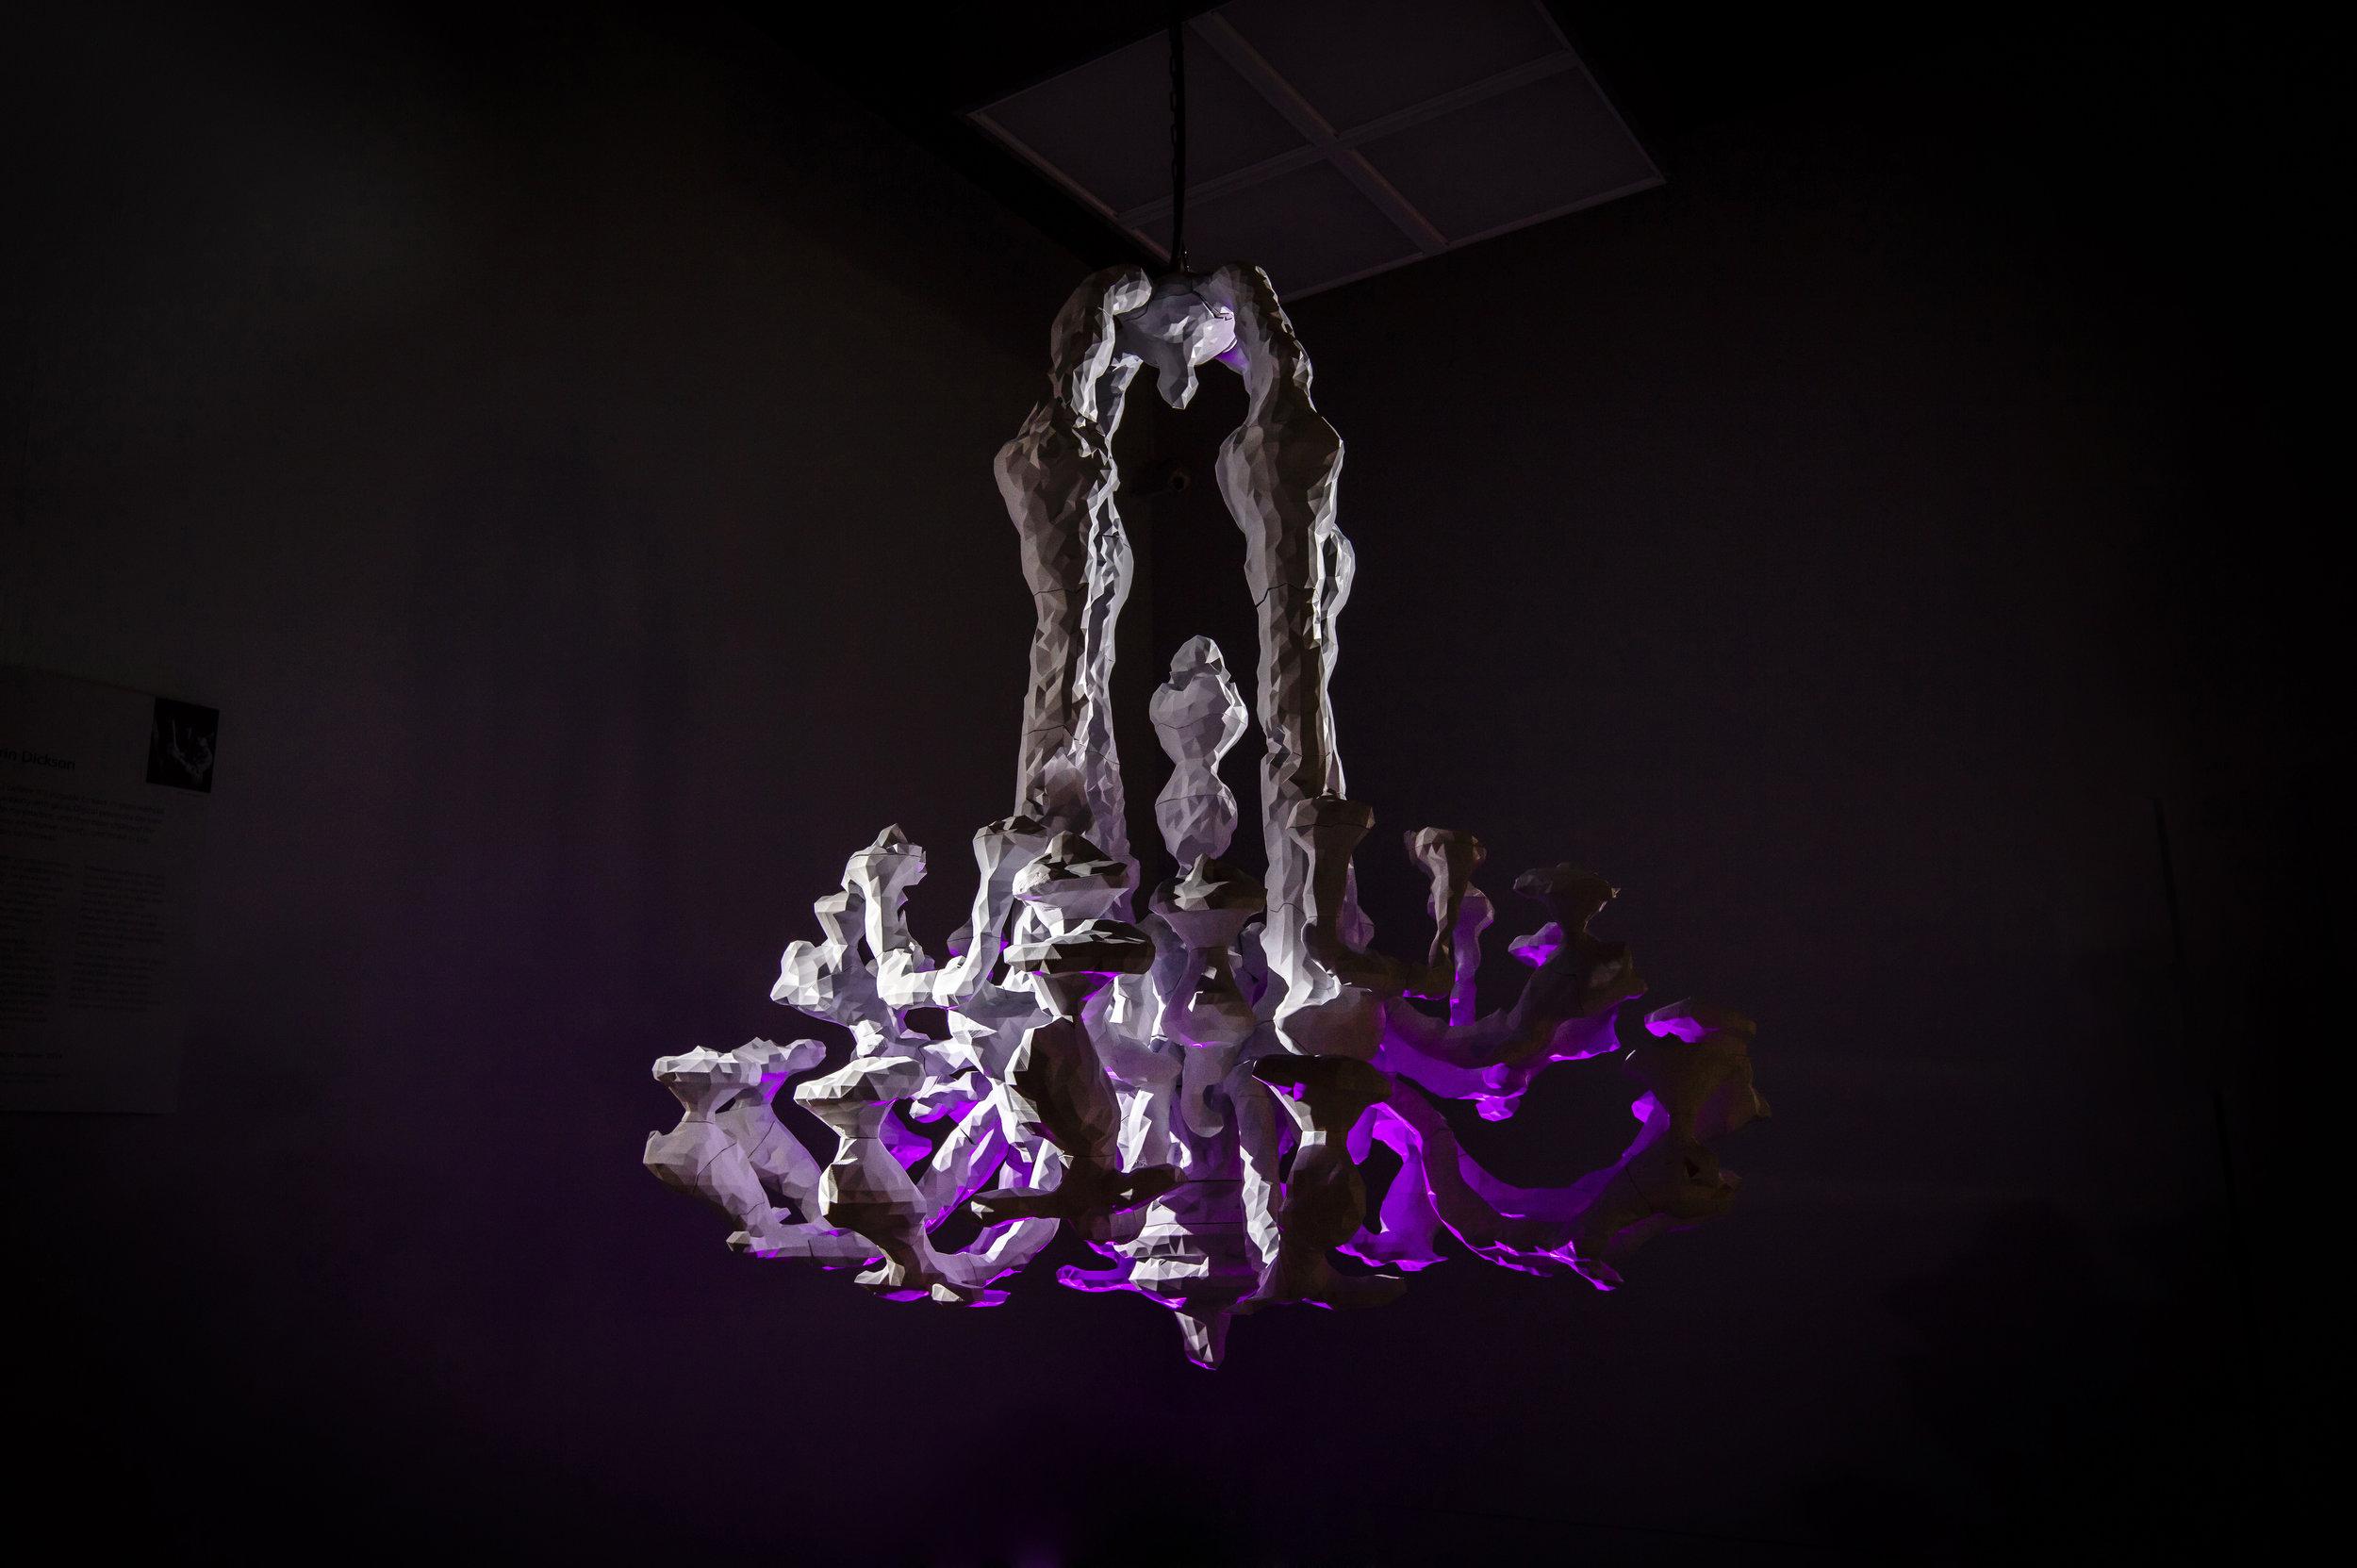 LR_EDITED_Art of Glass 014 NCCD by e egg 5ds_6685.jpg